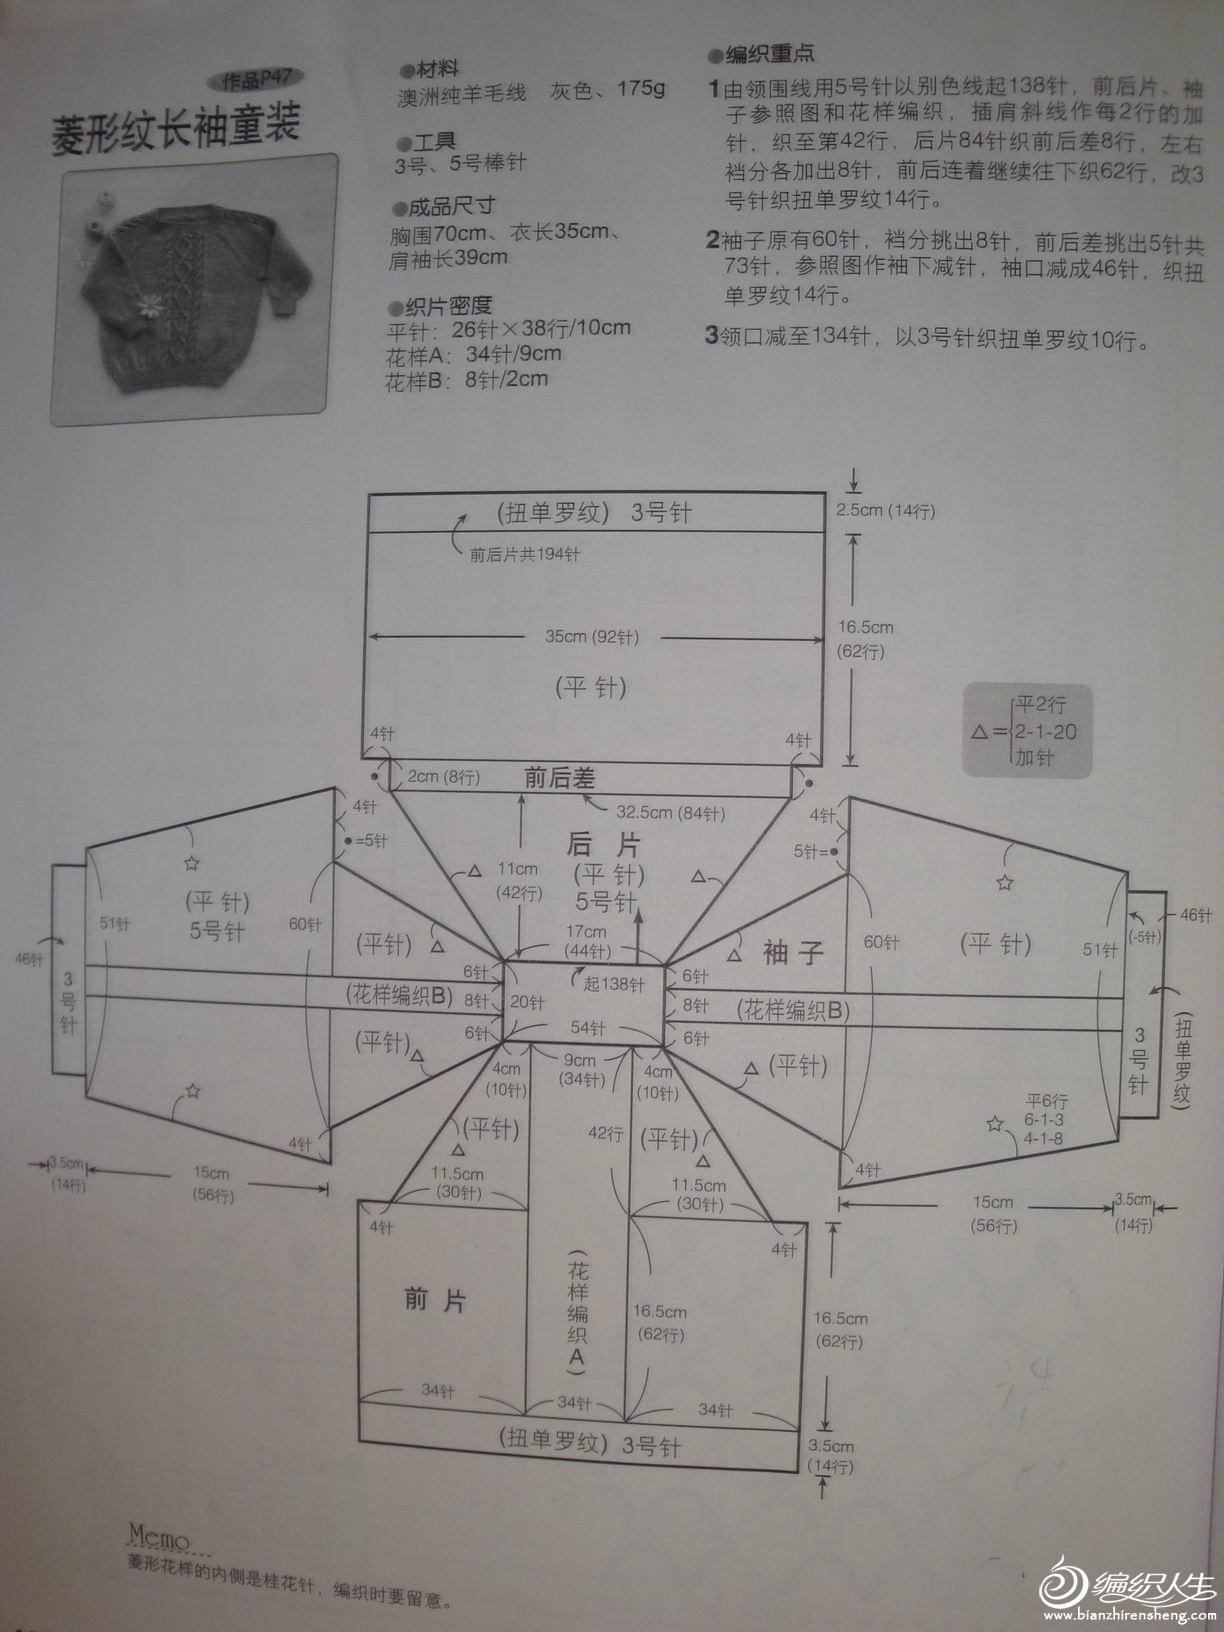 调整大小 旋转 DSC04930.JPG